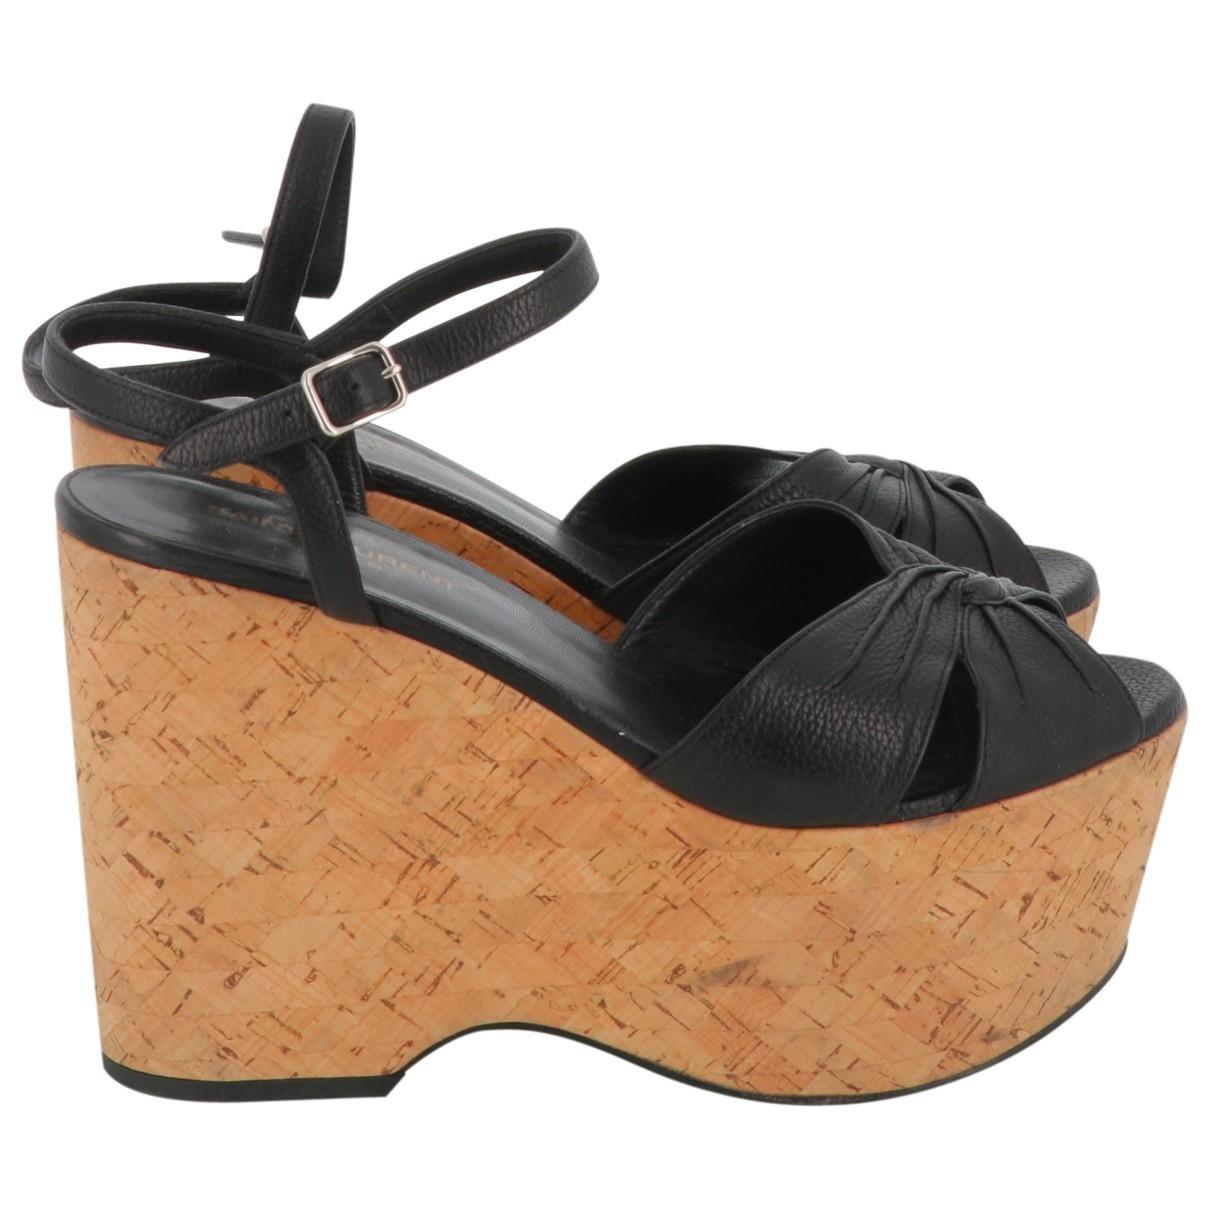 Saint Laurent \N Black Leather Sandals for Women 39.5 EU